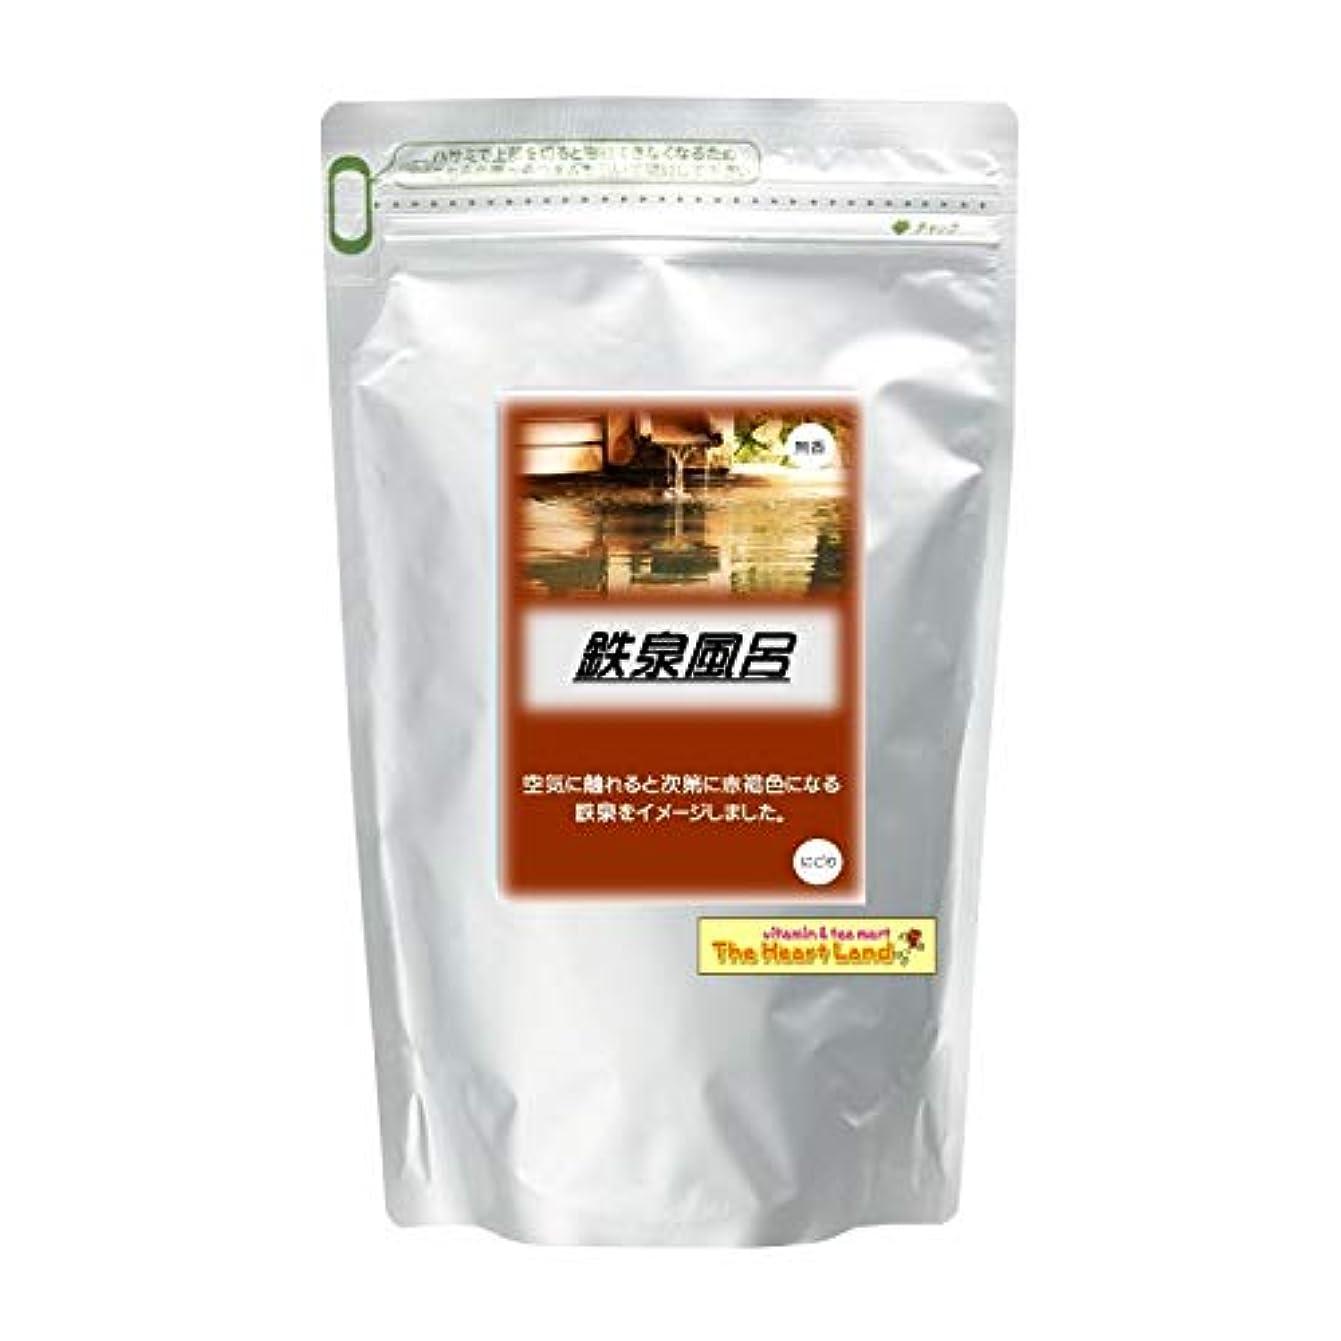 アサヒ入浴剤 浴用入浴化粧品 鉄泉風呂 2.5kg